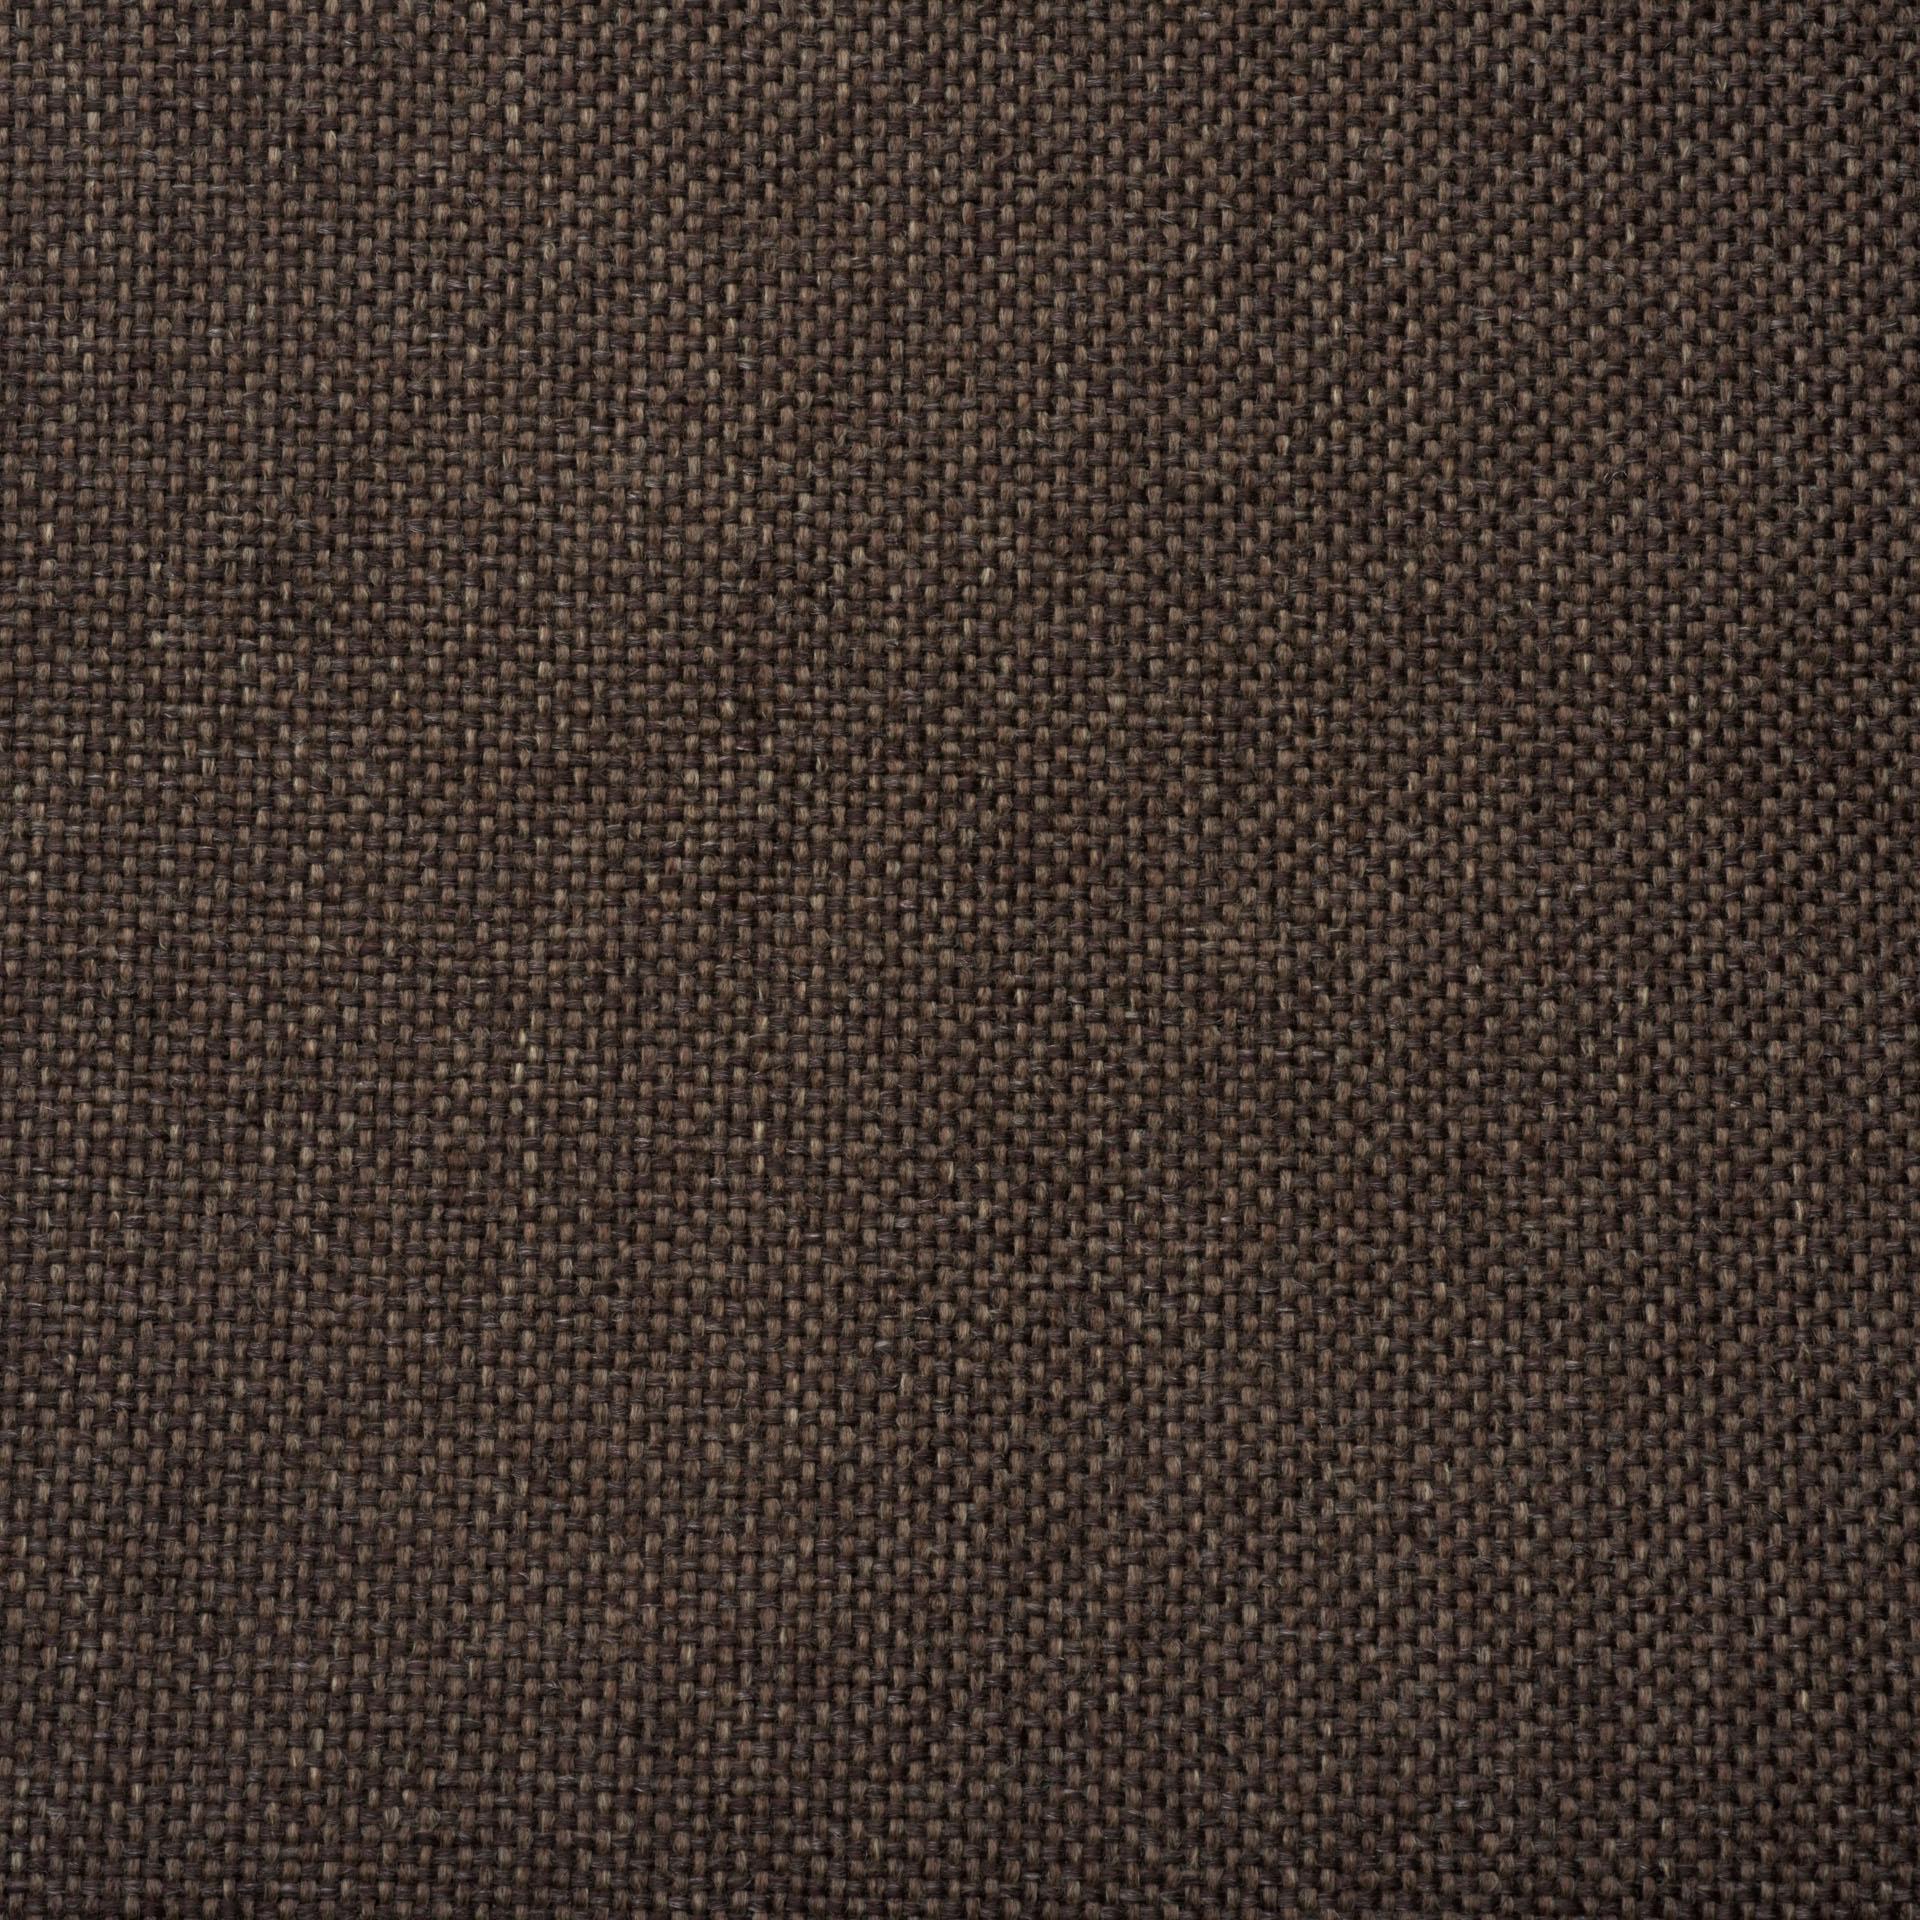 Коллекция ткани Инарис 24,  купить ткань Рогожка для мебели Украина